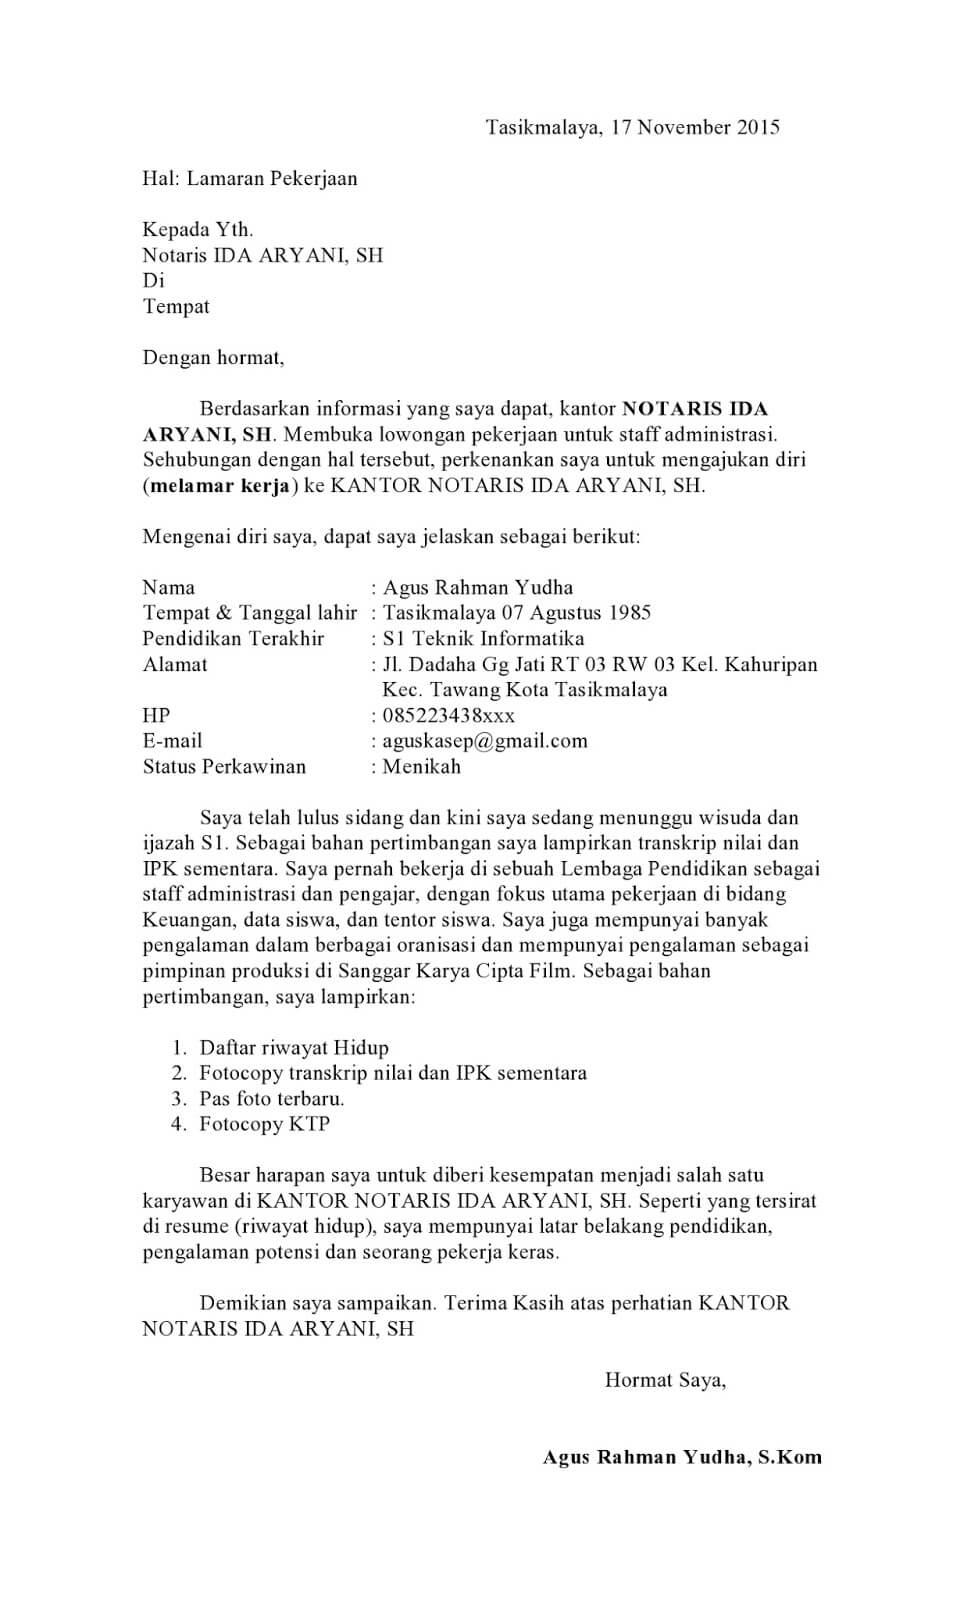 Contoh Surat Lamaran Kerja Notaris PPAT